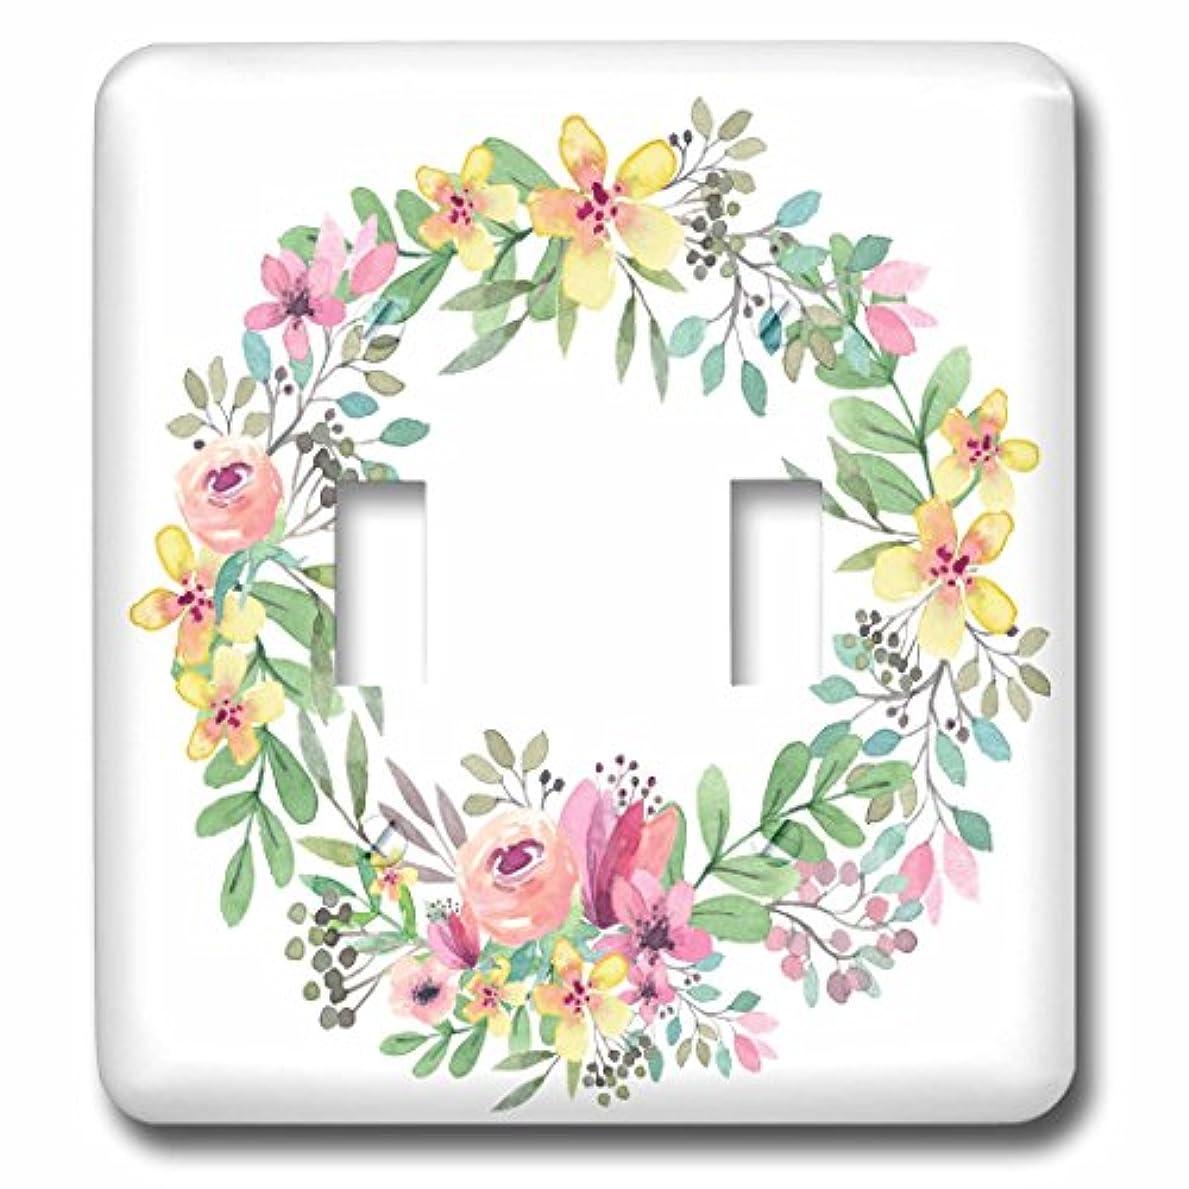 エンコミウム区滅びる3dローズAnne Marie Baugh – 水彩 – Prettyイエロー、ピンク、パープル、グリーン水彩Floral Wreath – 照明スイッチカバー – ダブル切り替えスイッチ( LSP _ 252800 _ 2 )